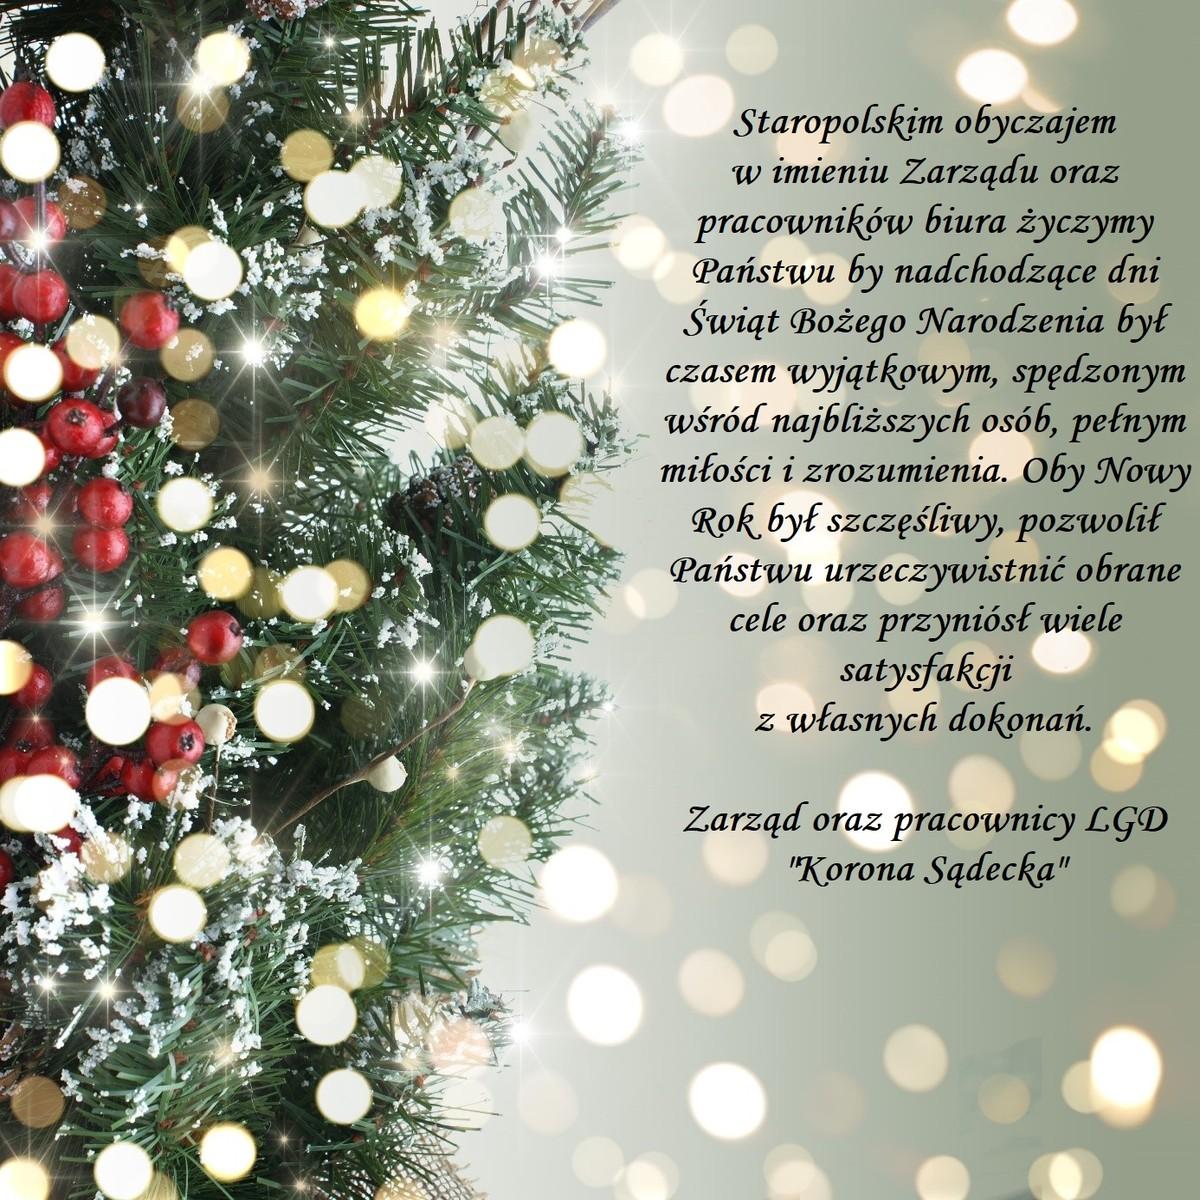 Życzenia świąteczne: Boże Narodzenie